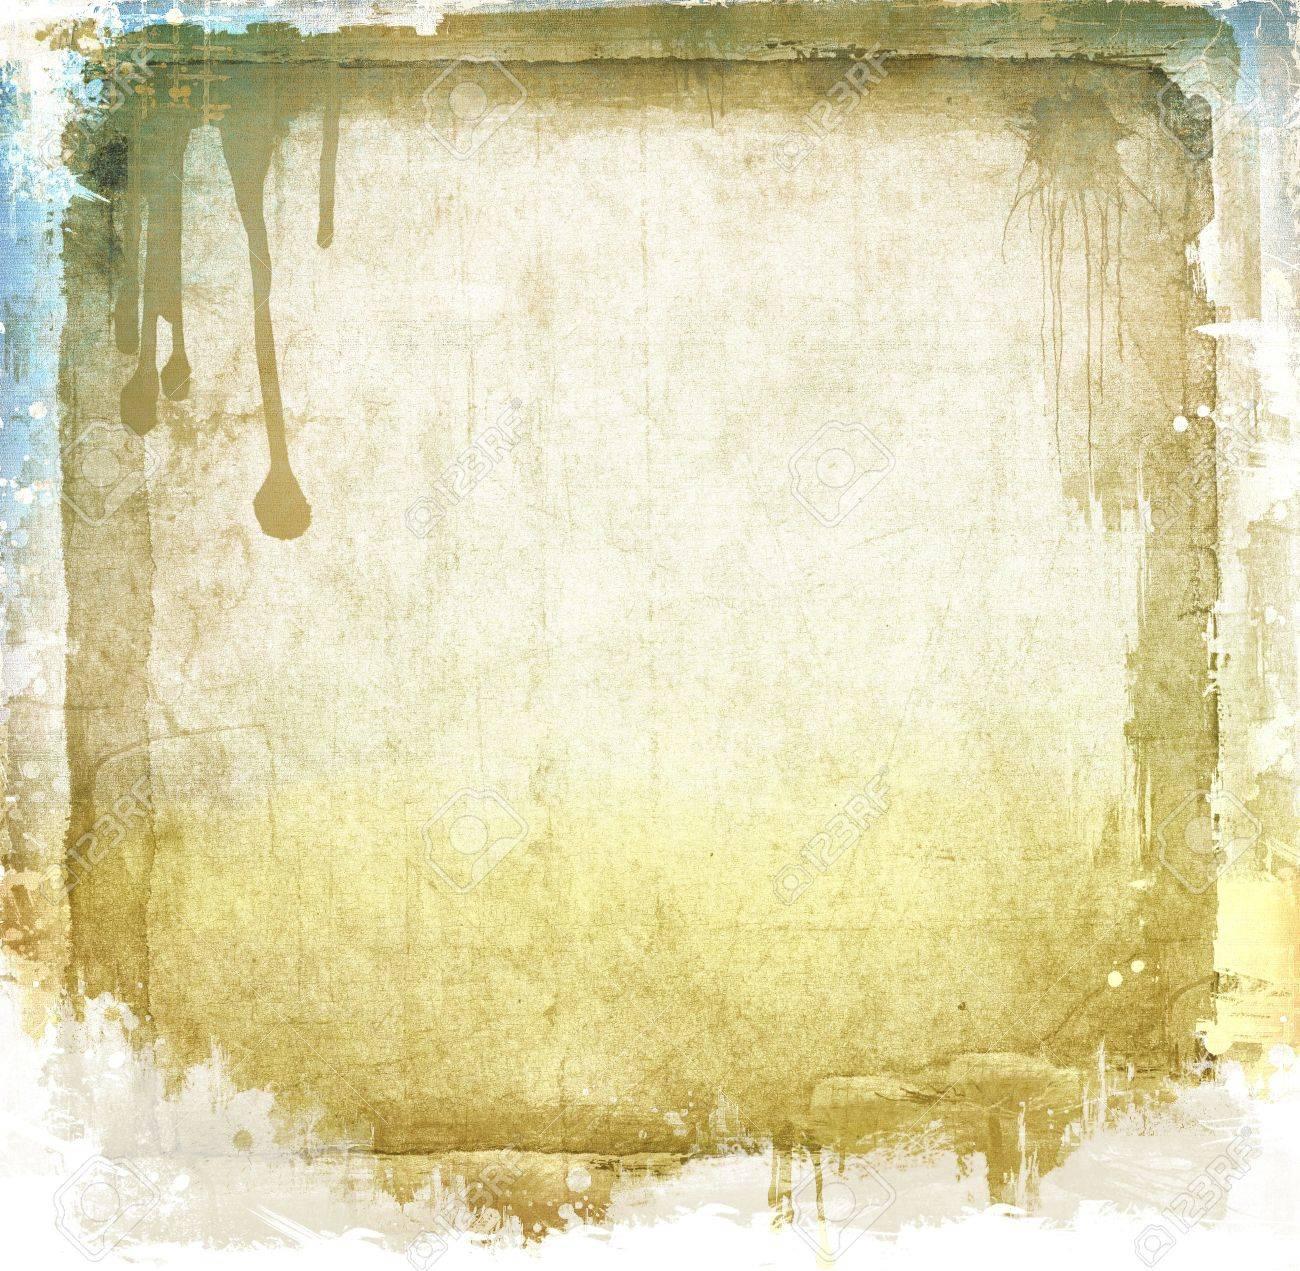 Grunge sfondo astratto Archivio Fotografico - 15028629